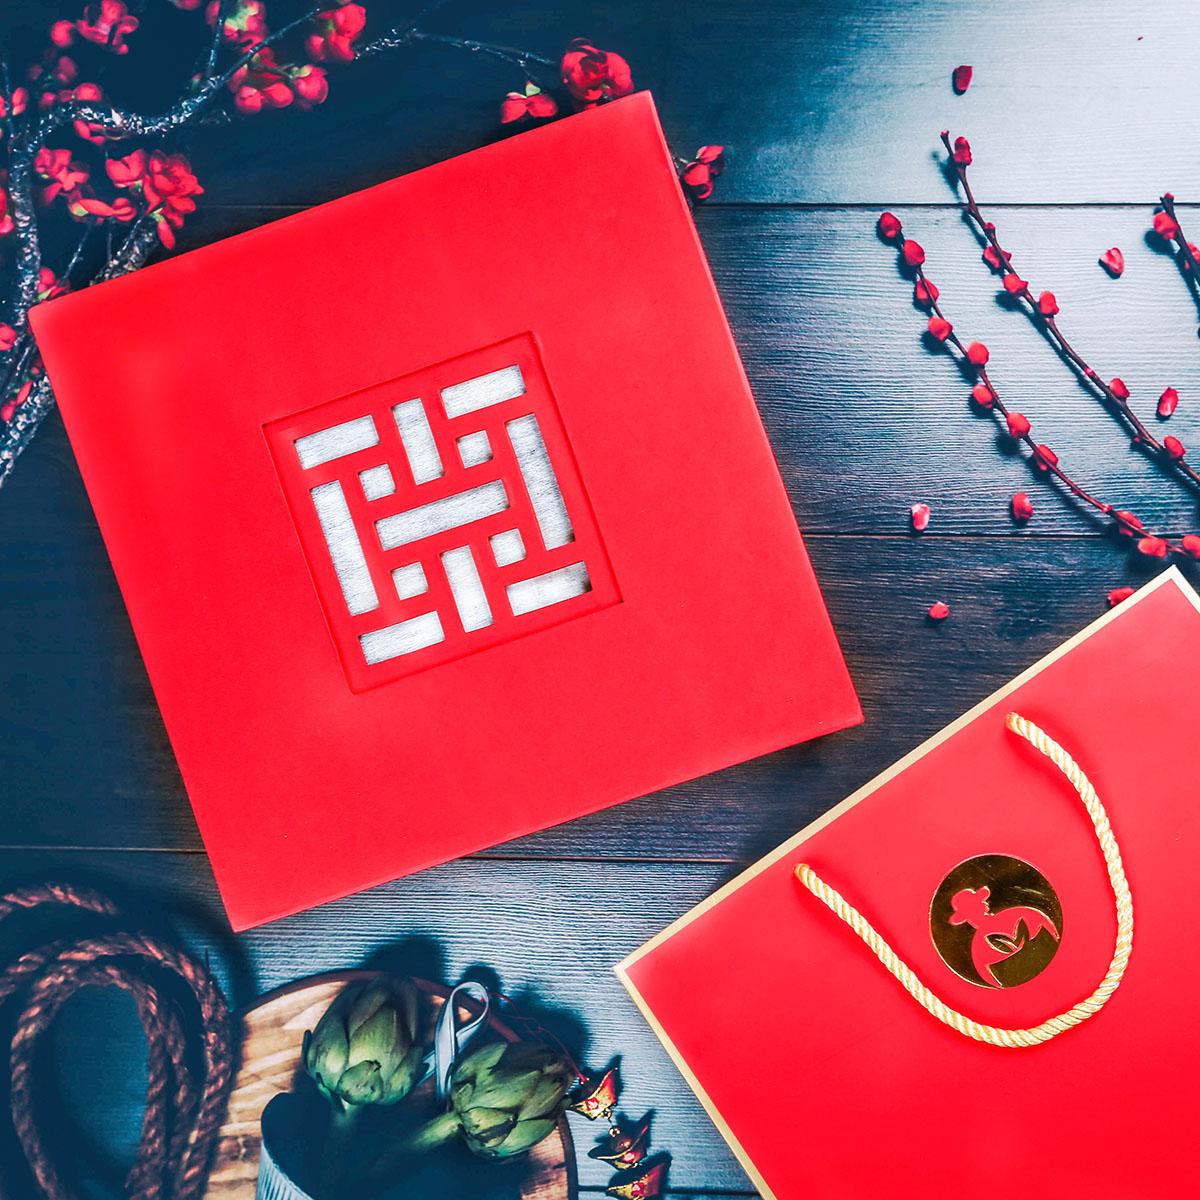 Giá chỉ từ 274,000 đ - Với ưu thế là thương hiệu sản xuất, đóng gói và bán lẻ trực tiếp, L'angfarm có thể mang đến cho khách hàng những bộ quà tết chất lượng cao với mức giá hợp lý